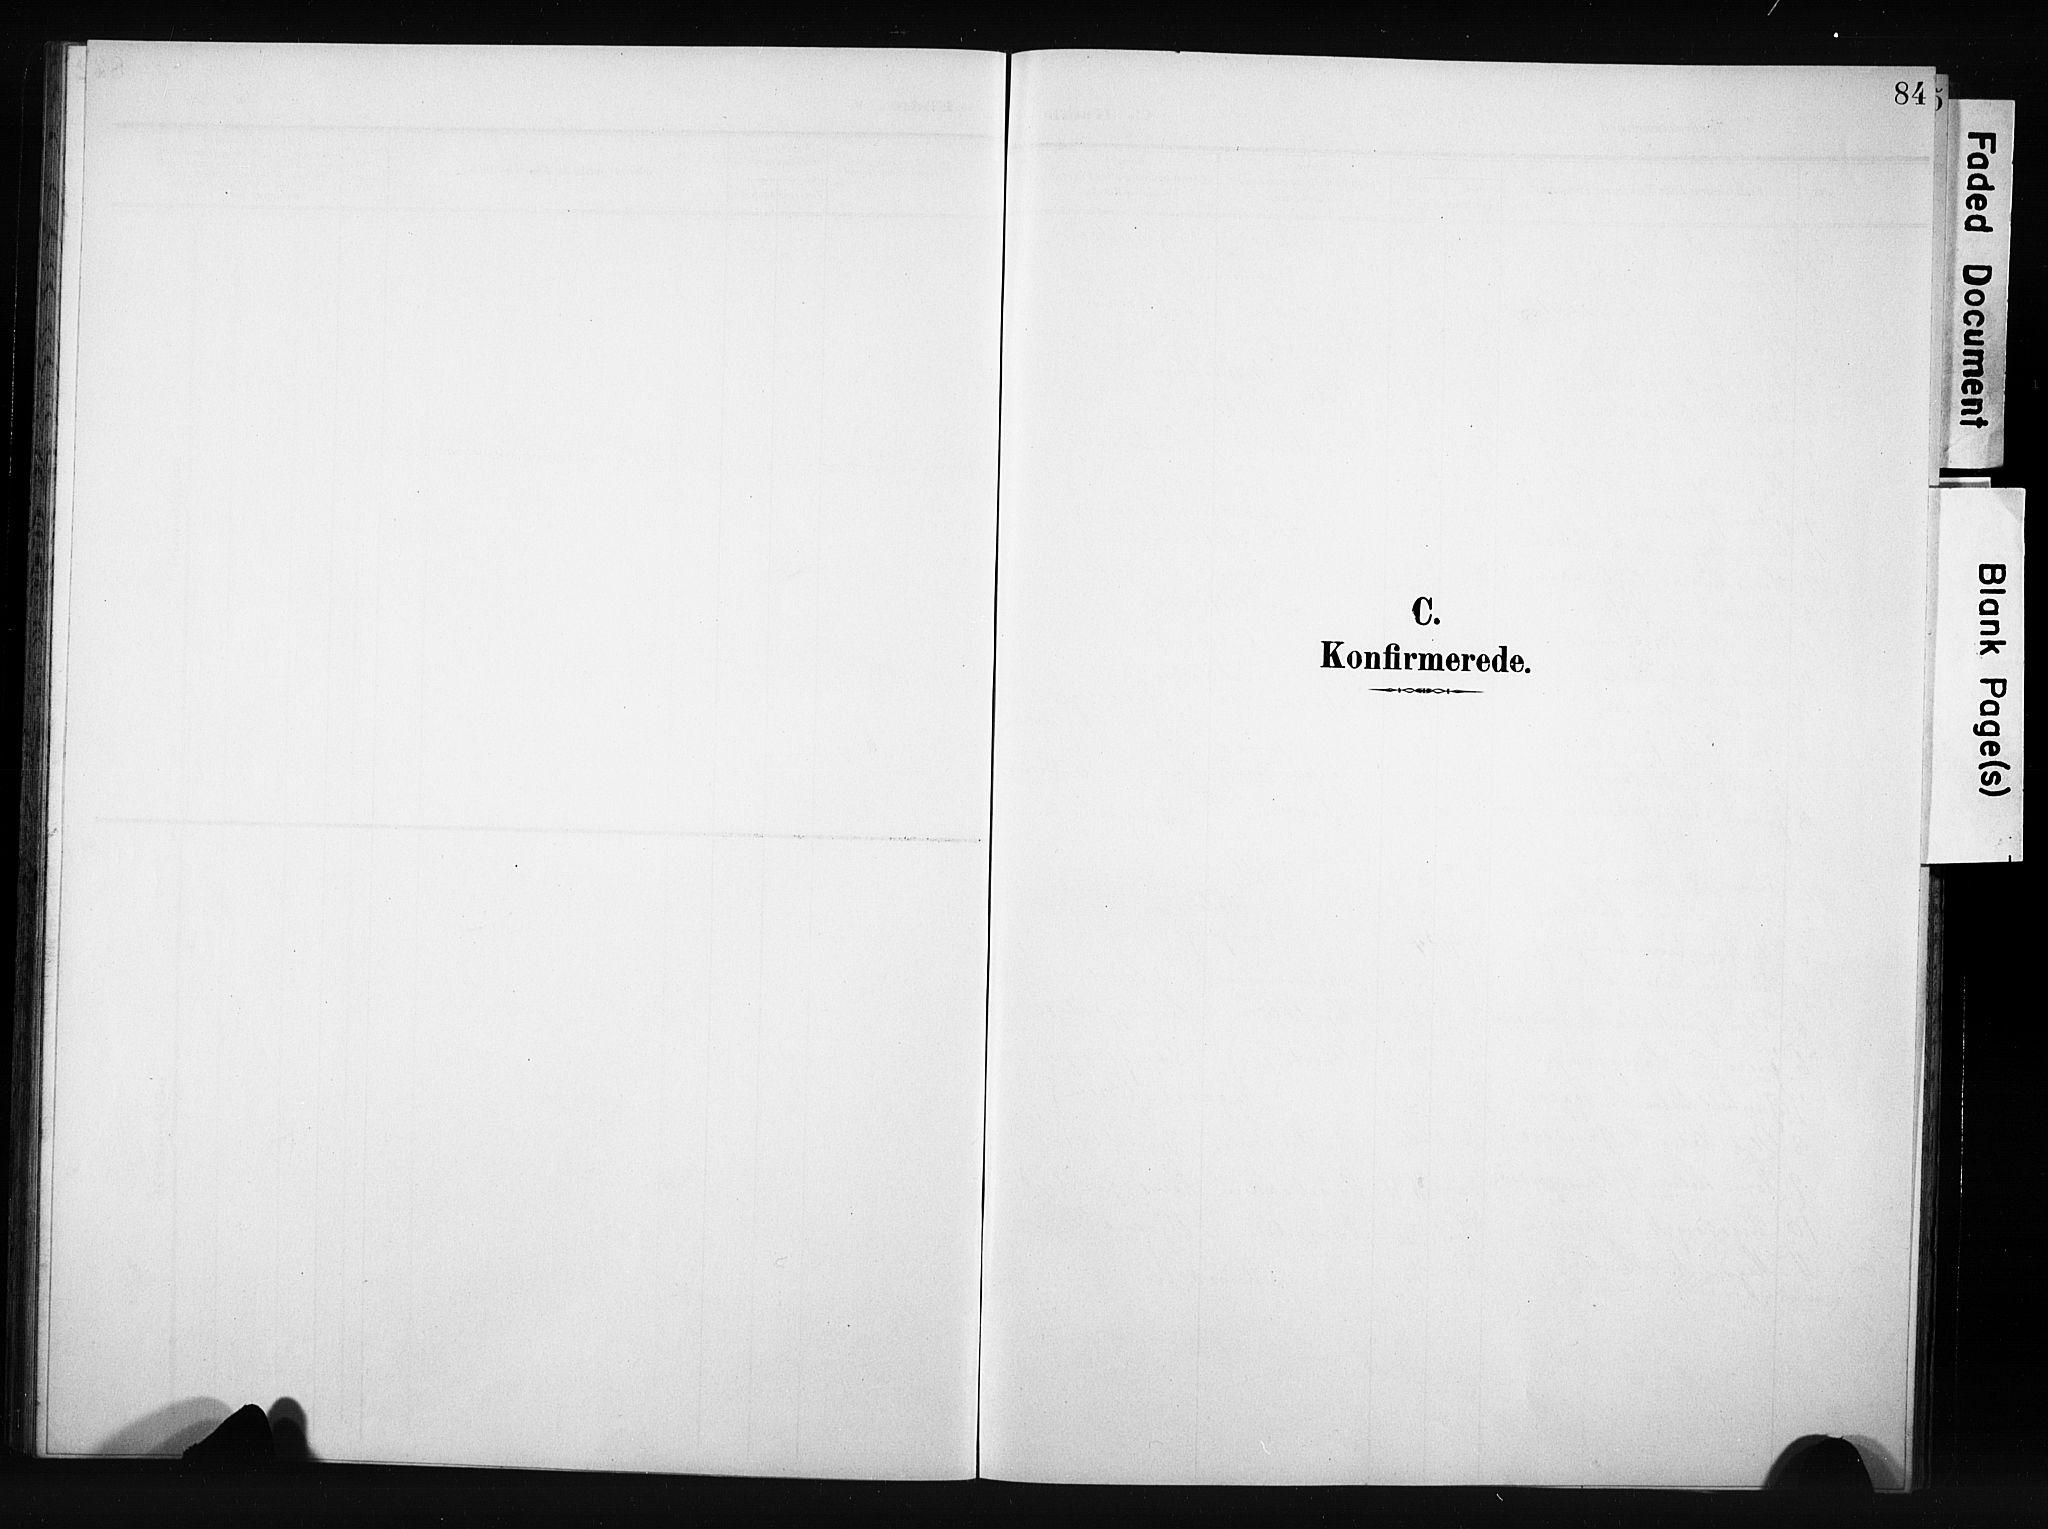 SAH, Nordre Land prestekontor, Klokkerbok nr. 6, 1905-1929, s. 84